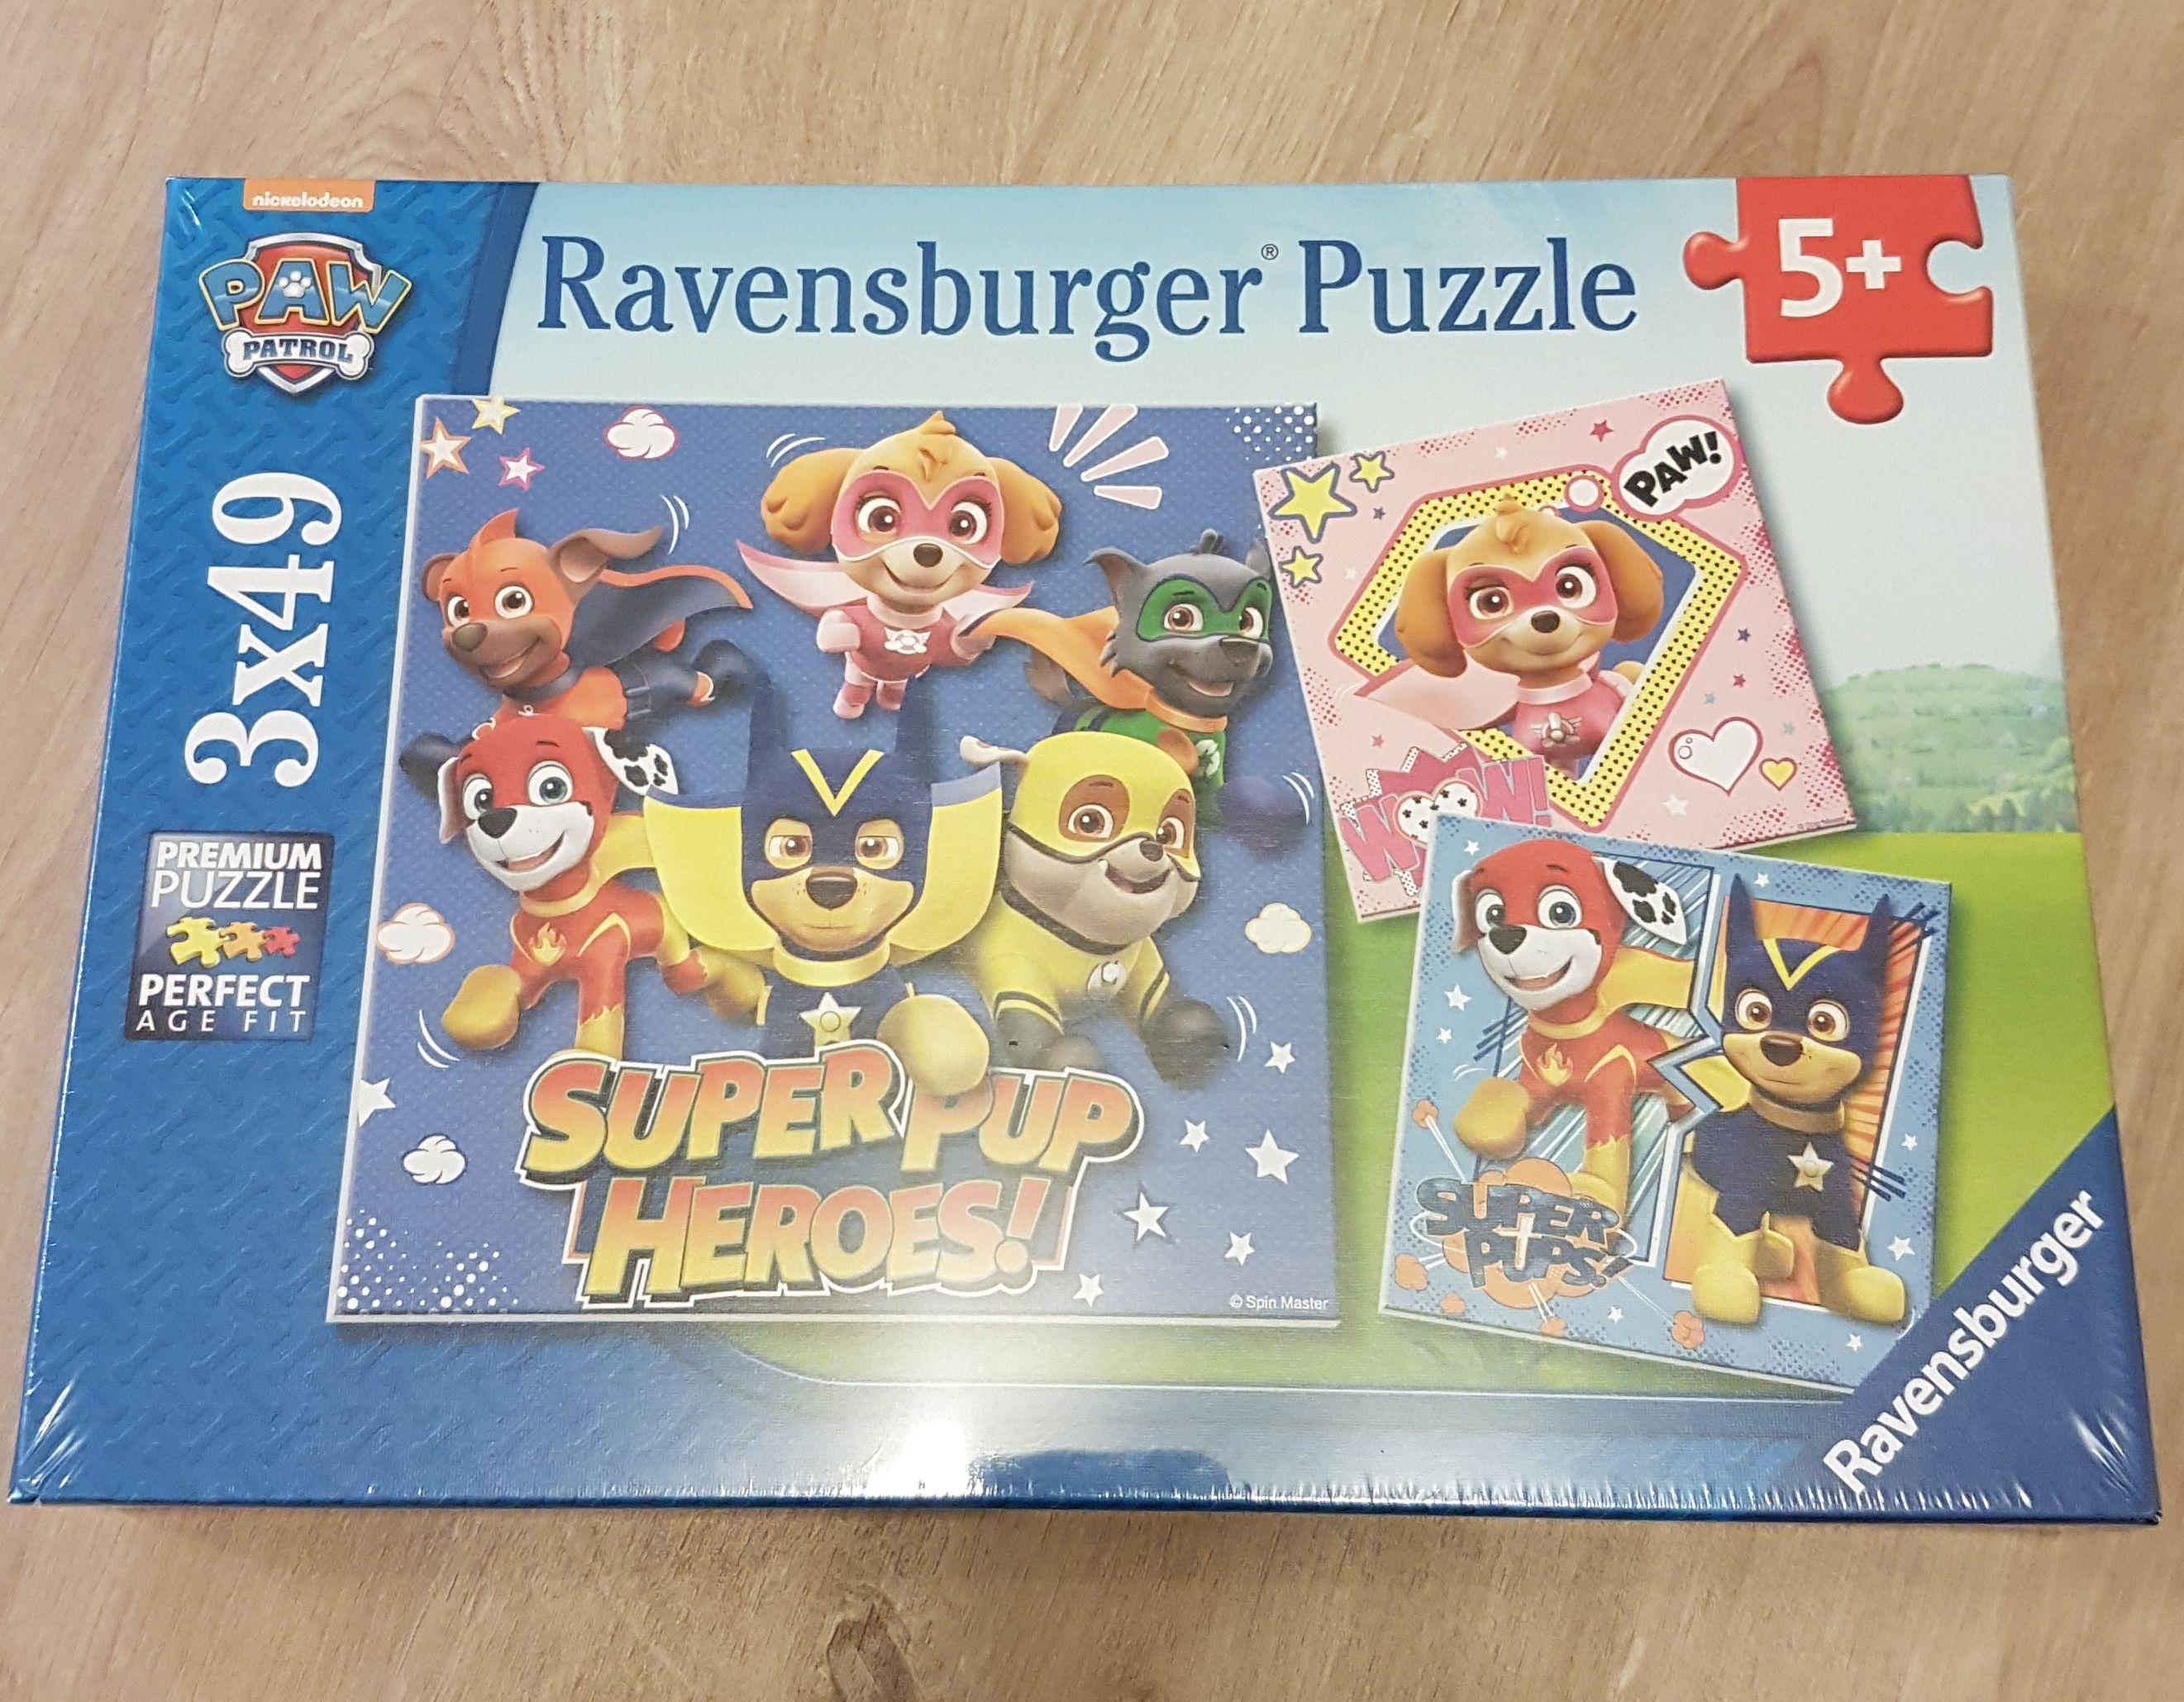 WIEDER AUF LAGER Ravensburger Puzzle Paw Patrol (8036) 3x49 Teile ab 5 Jahre mit Prime